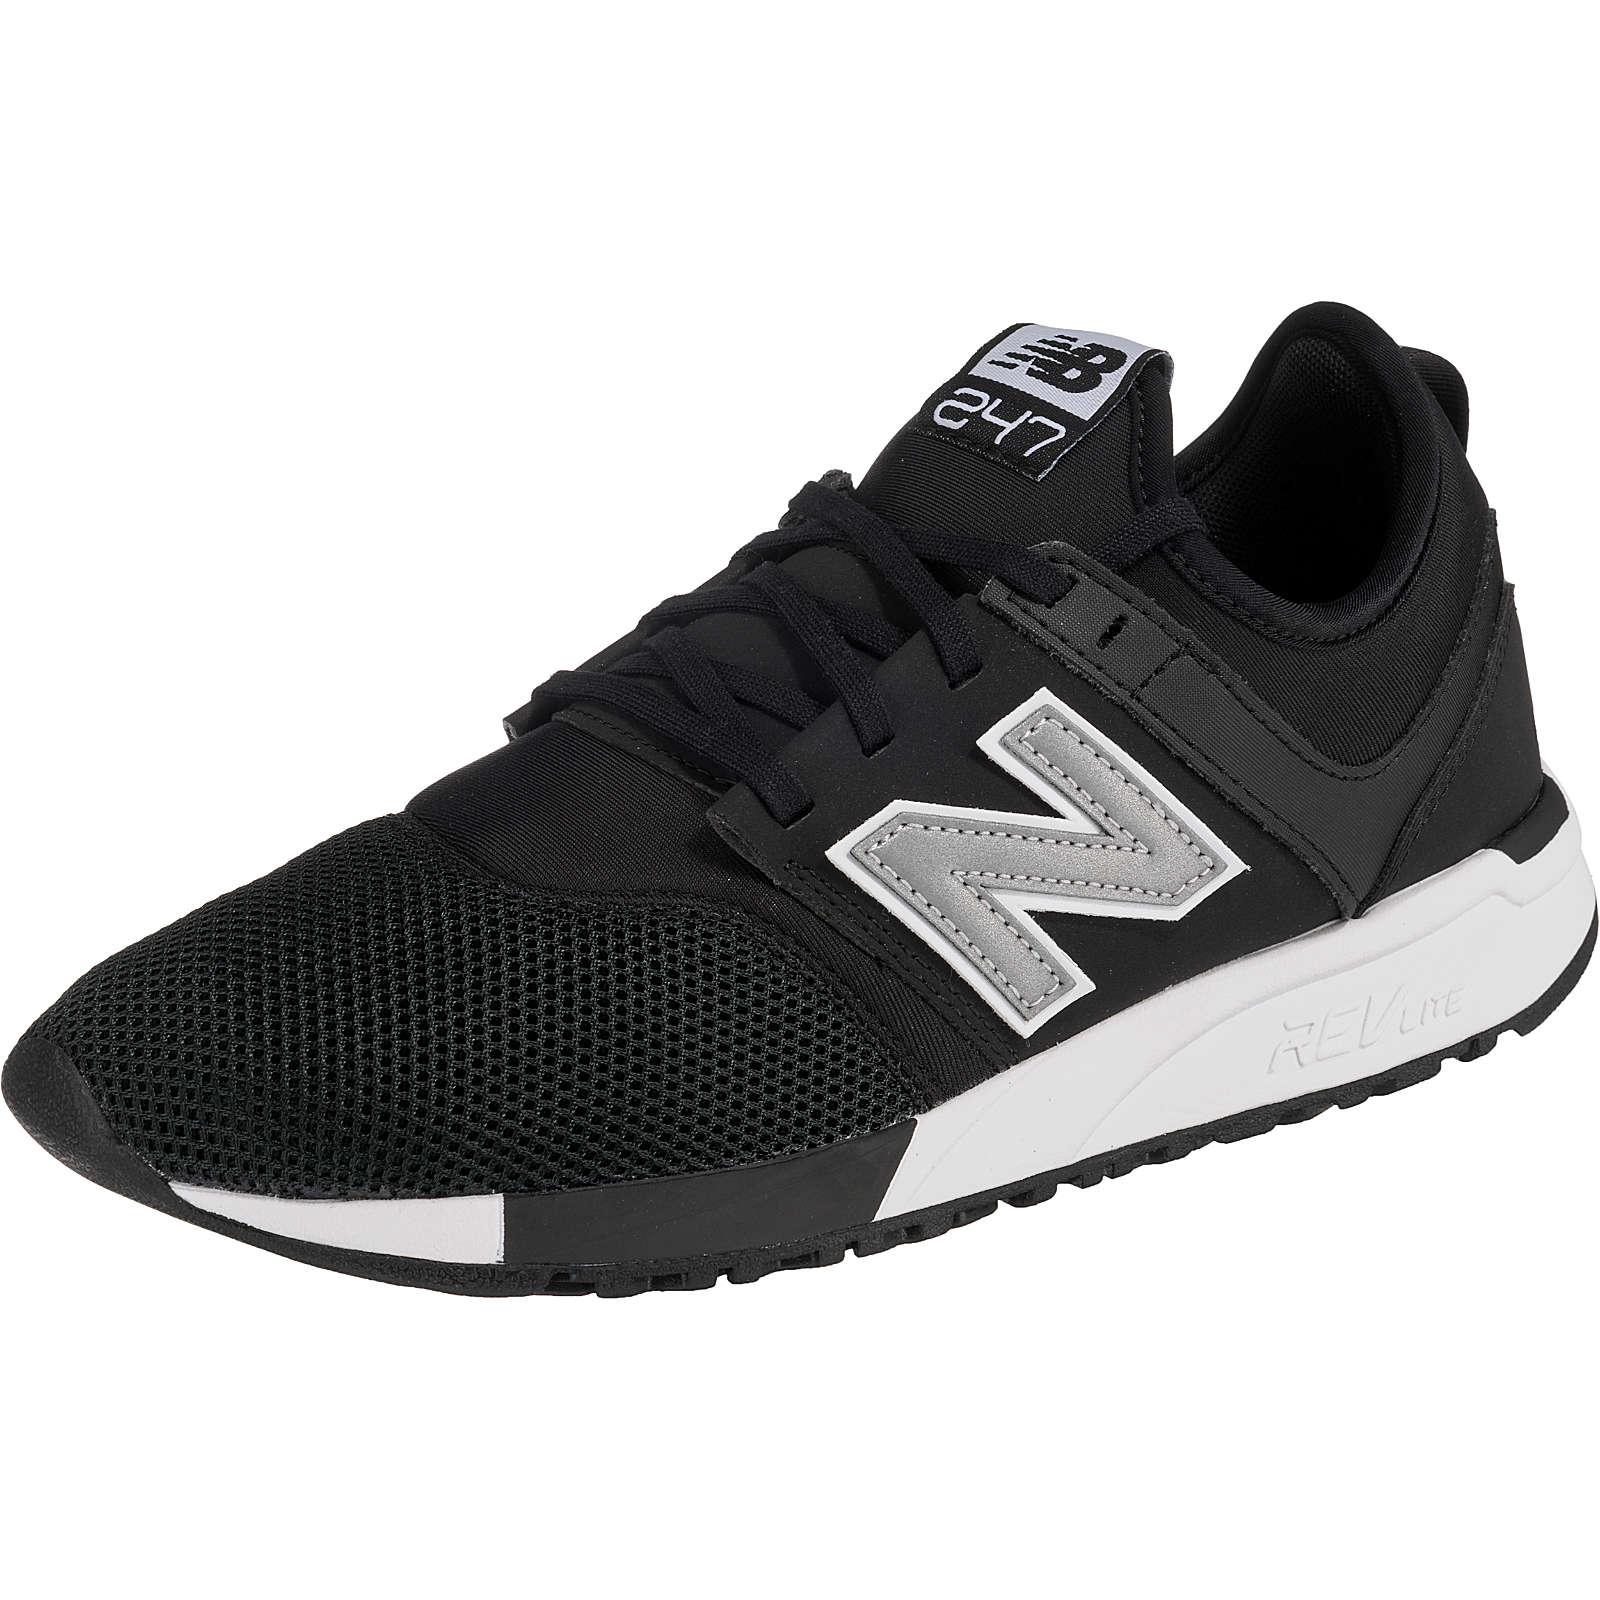 new balance MRL247 Sneakers Low schwarz Herren Gr. 40